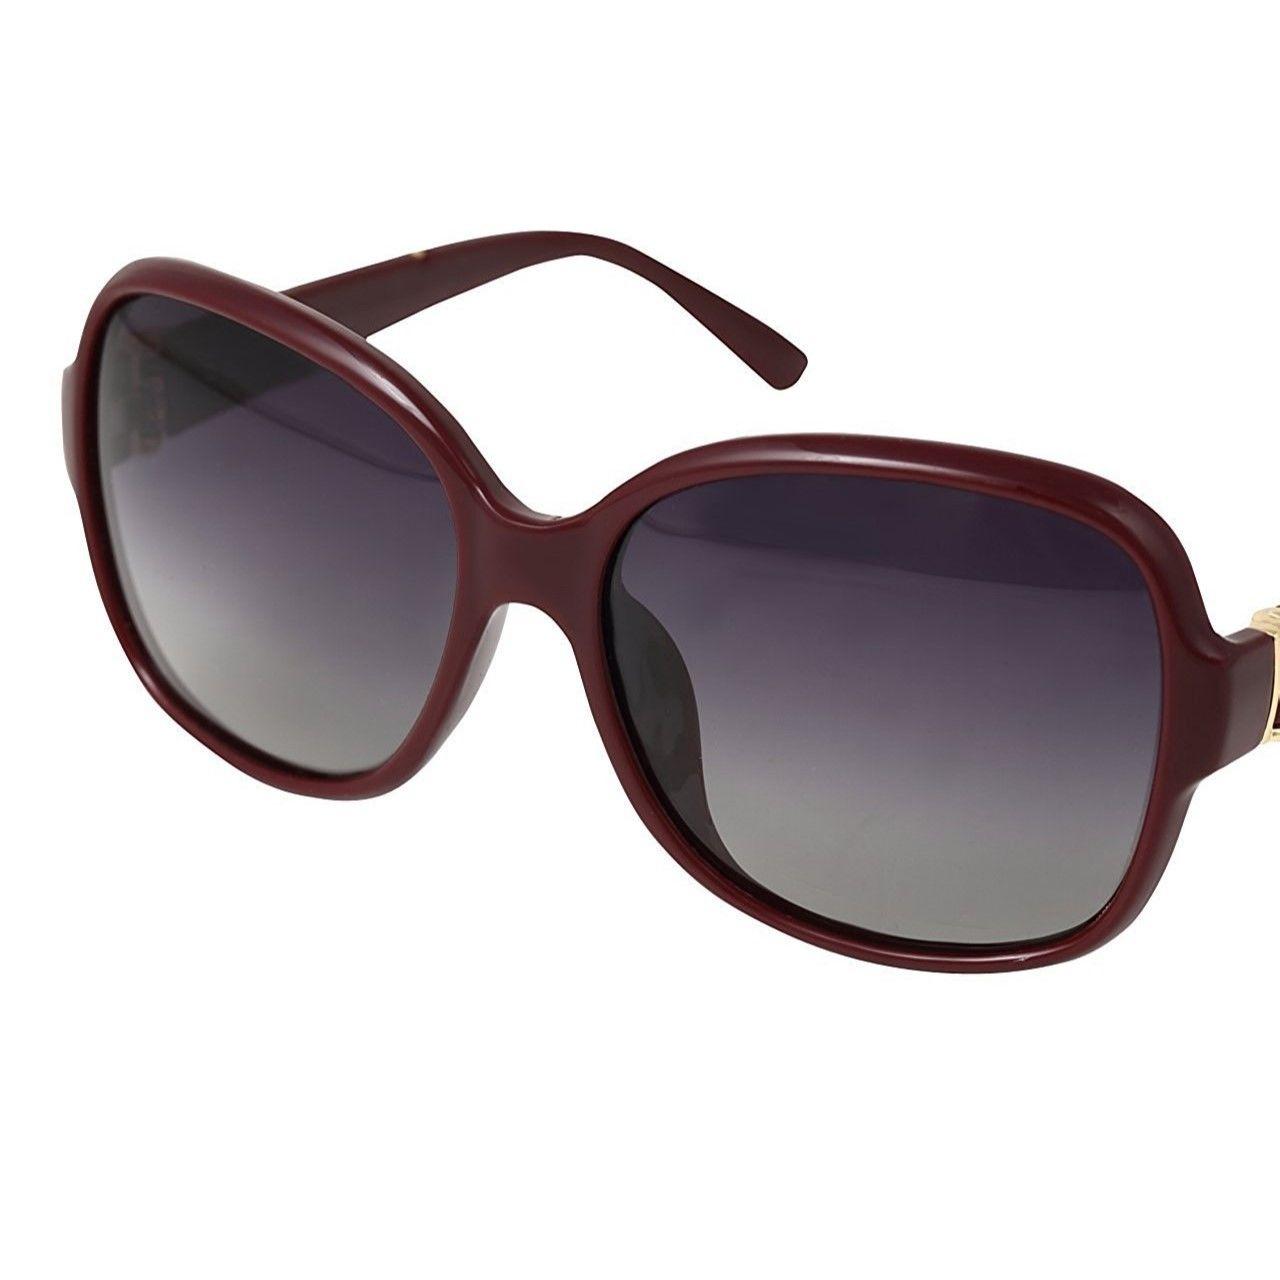 レディース サングラス バタフライ UV400 紫外線 カット率99.9 % UVカット 偏光レンズ (4ワインレッド)